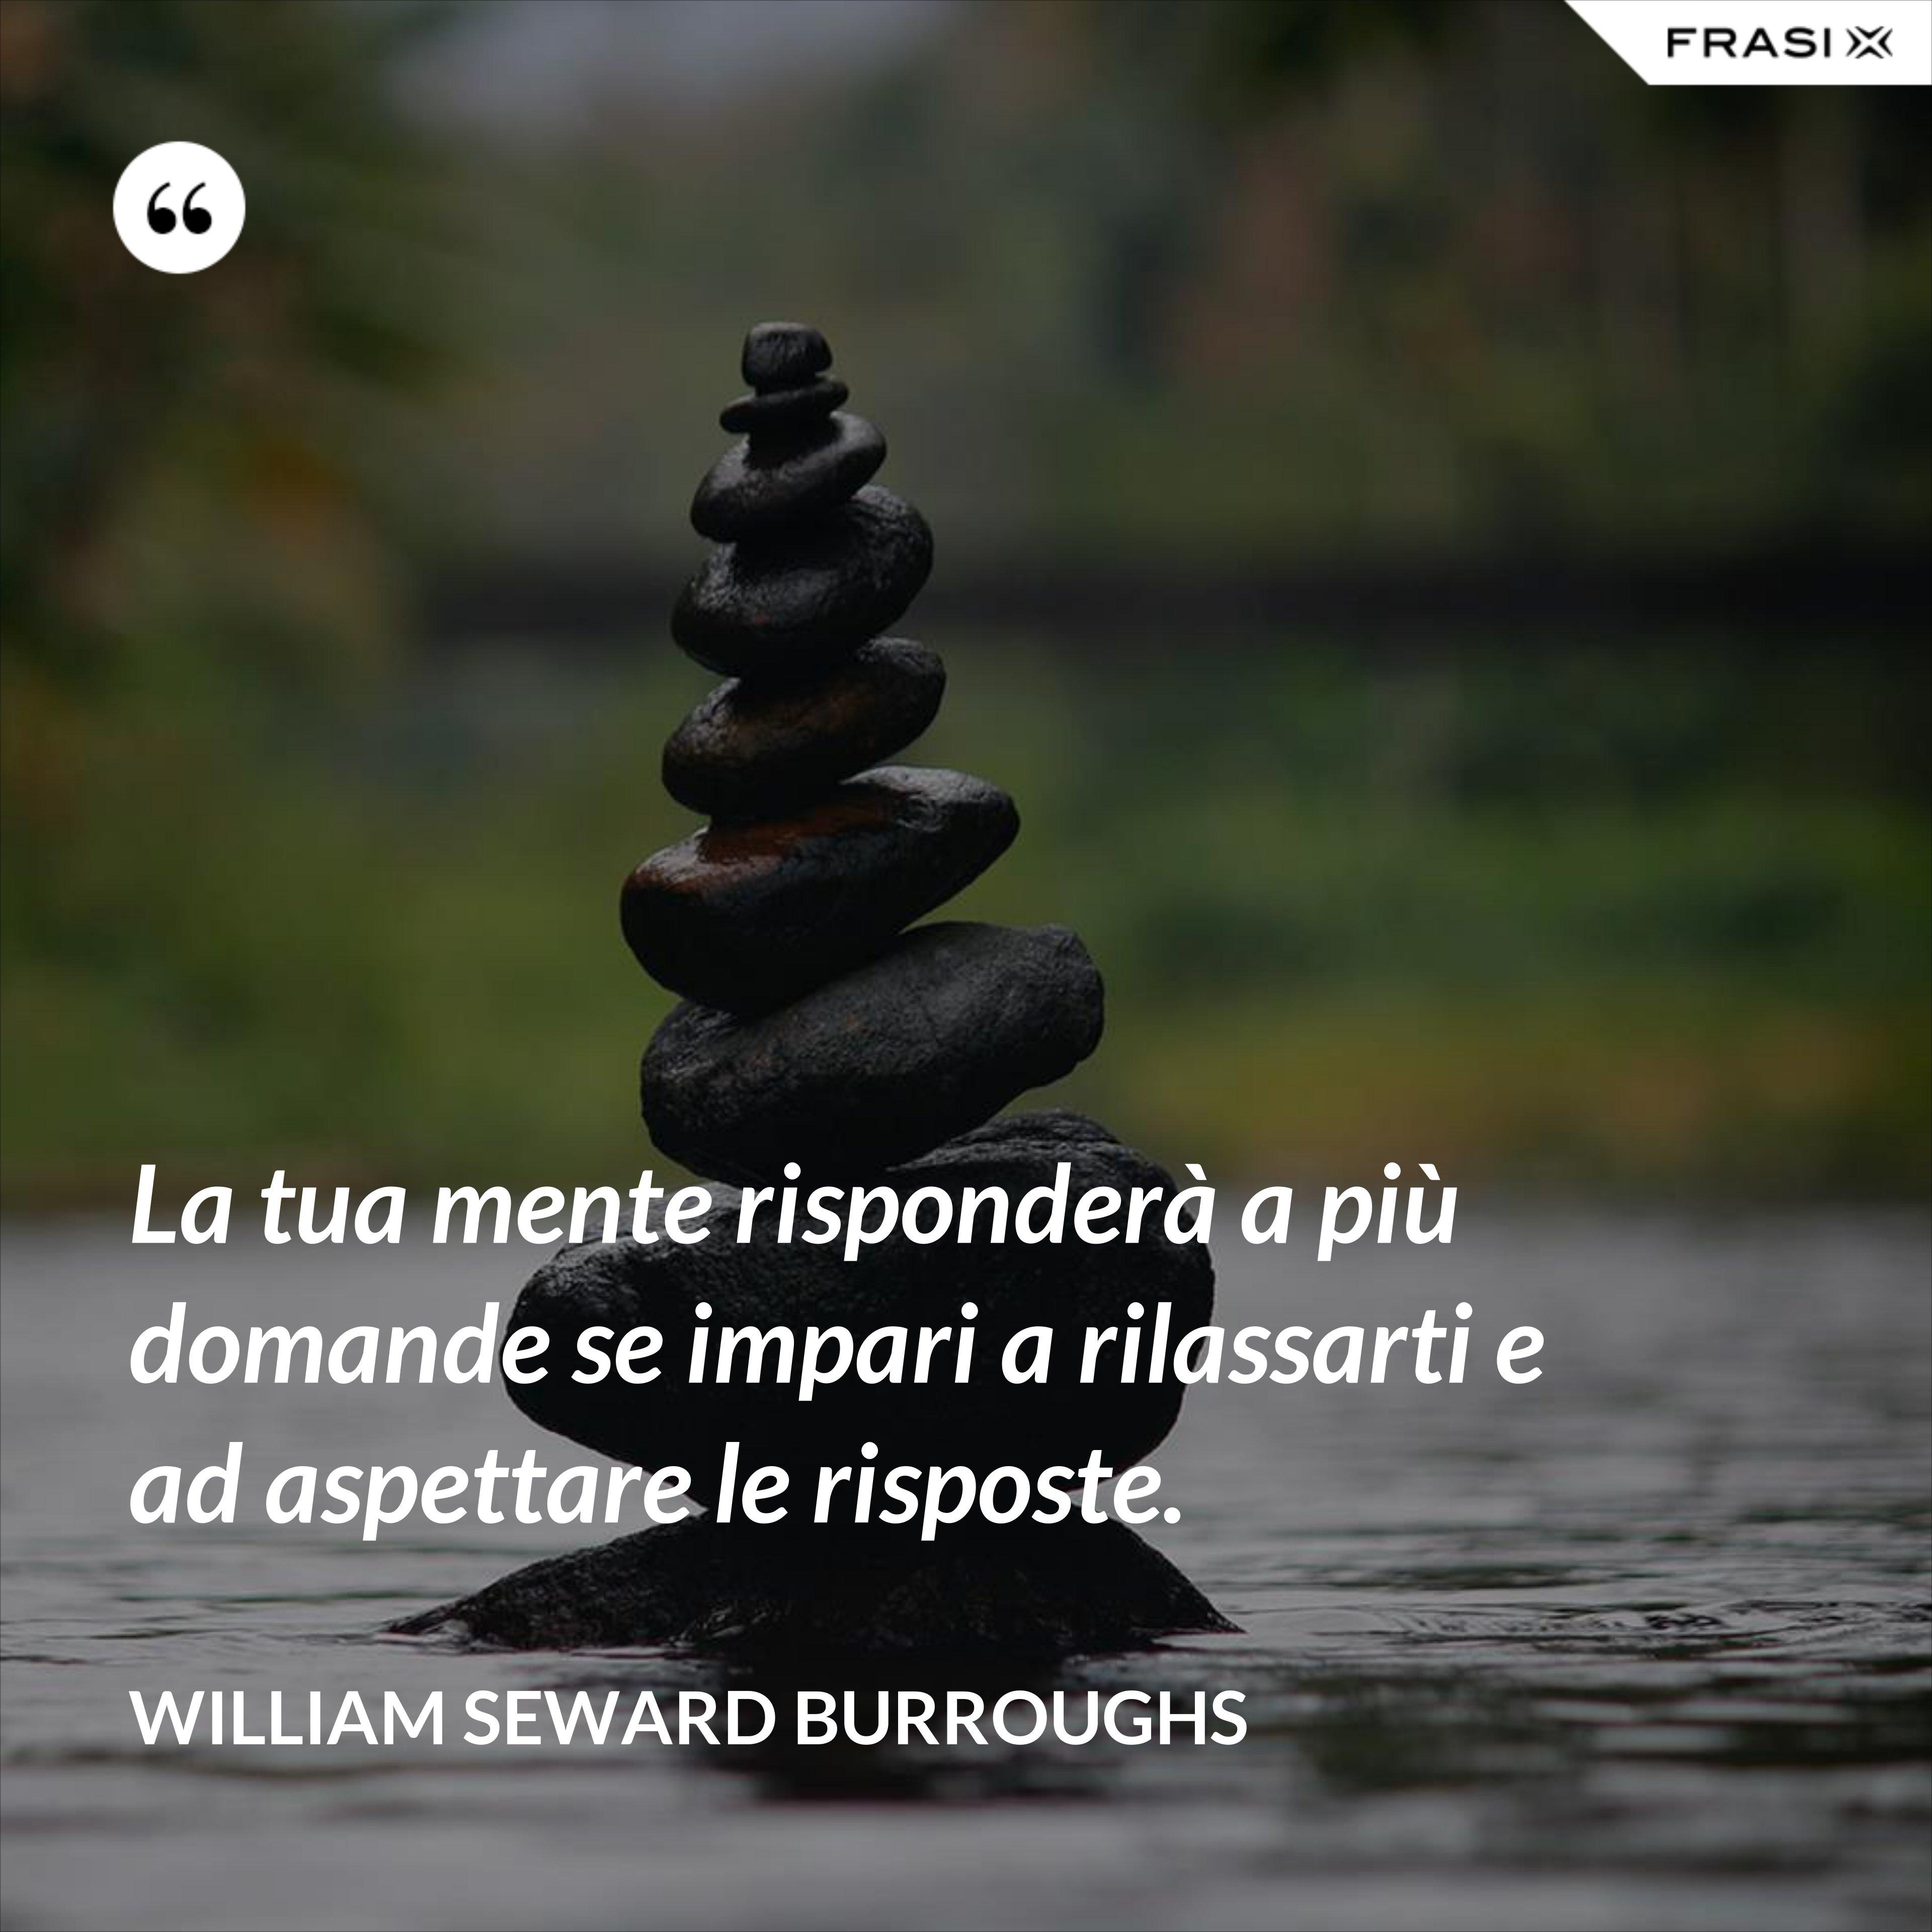 La tua mente risponderà a più domande se impari a rilassarti e ad aspettare le risposte. - William Seward Burroughs